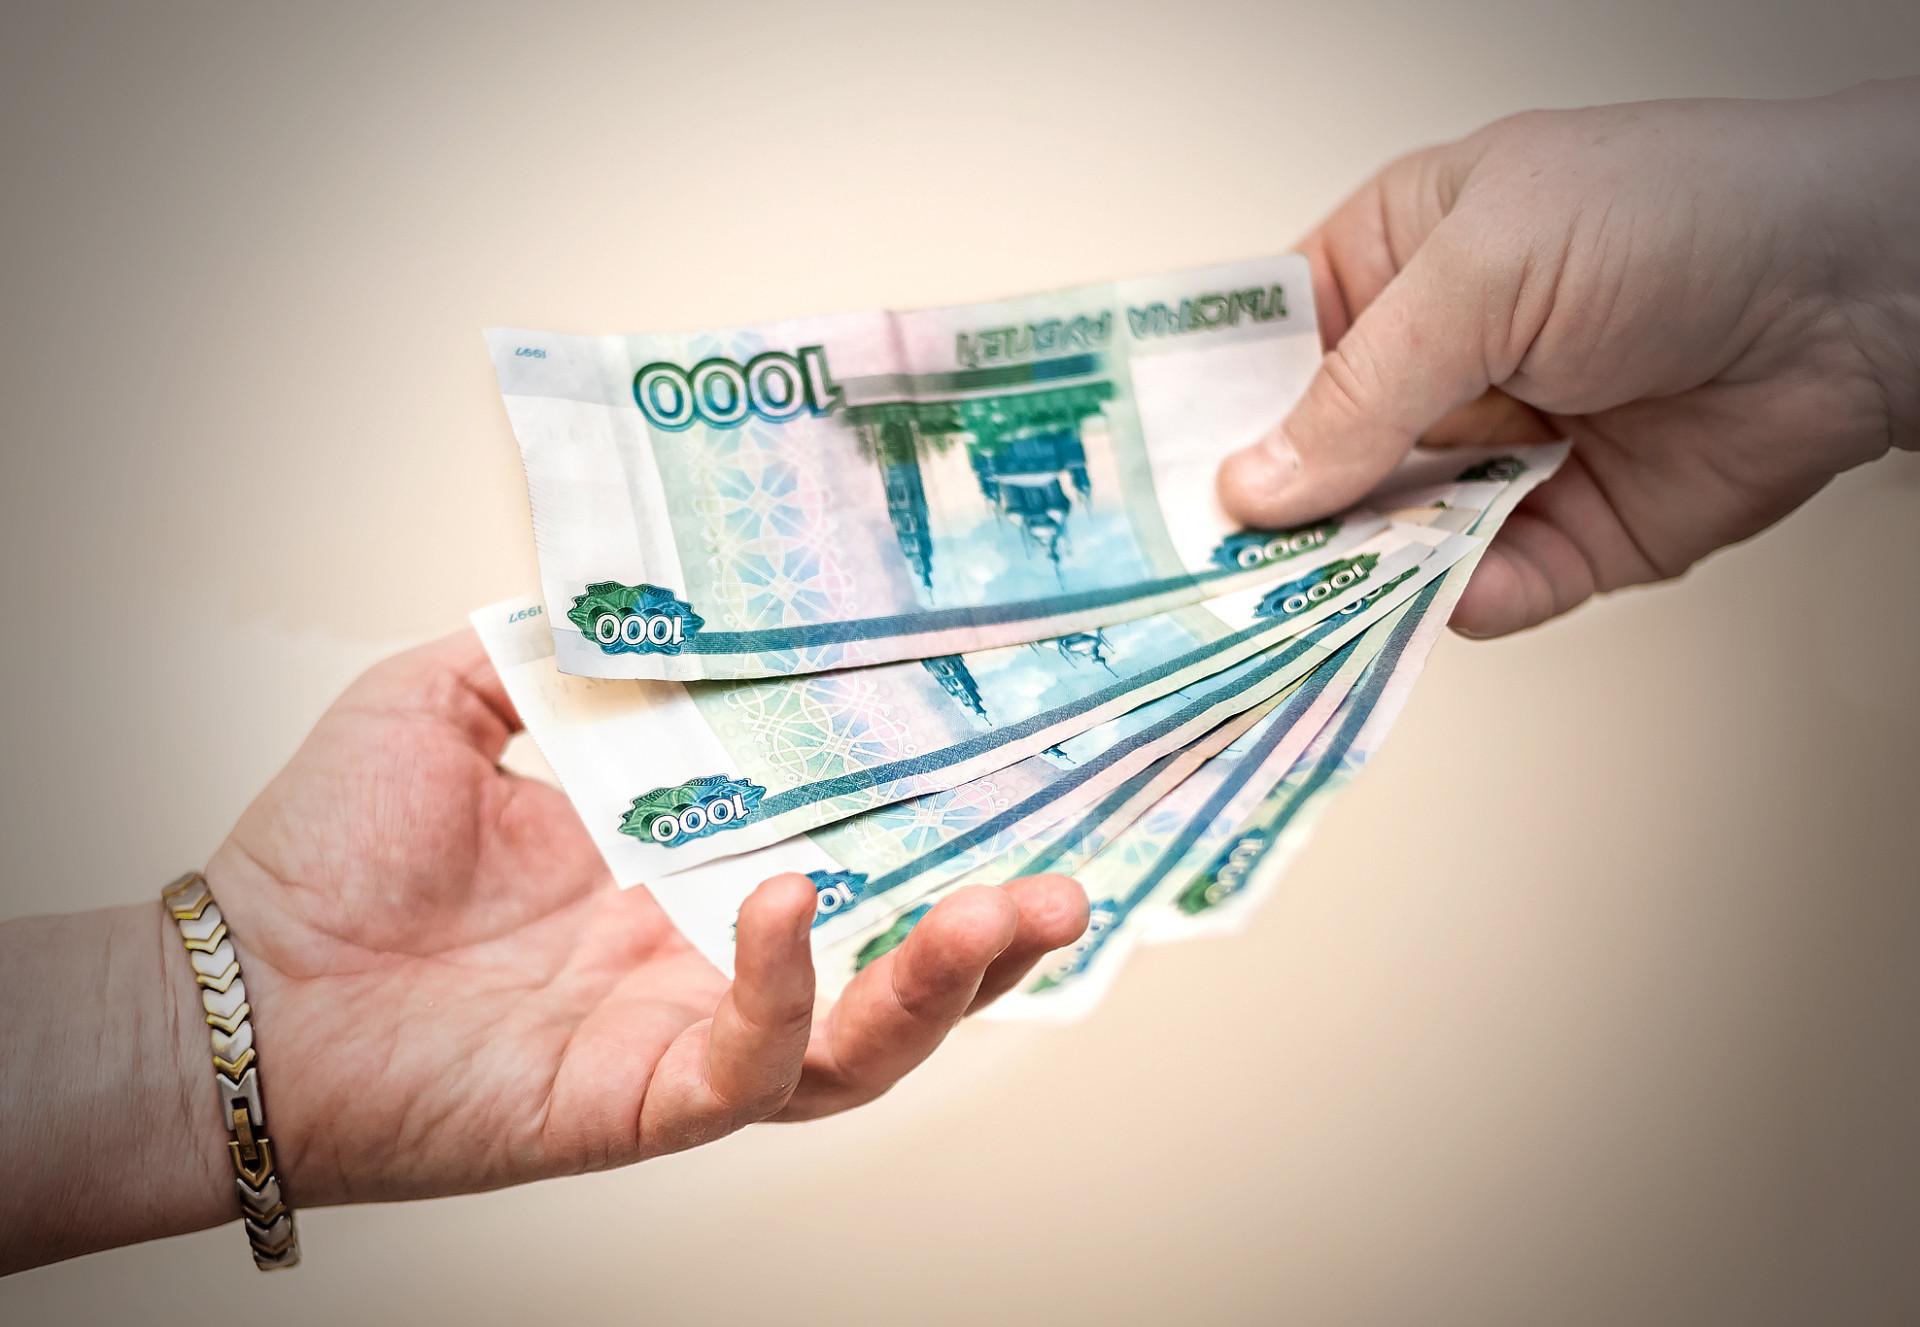 В каком возрасте можно получить кредит сбербанк онлайн оплата кредита с карты